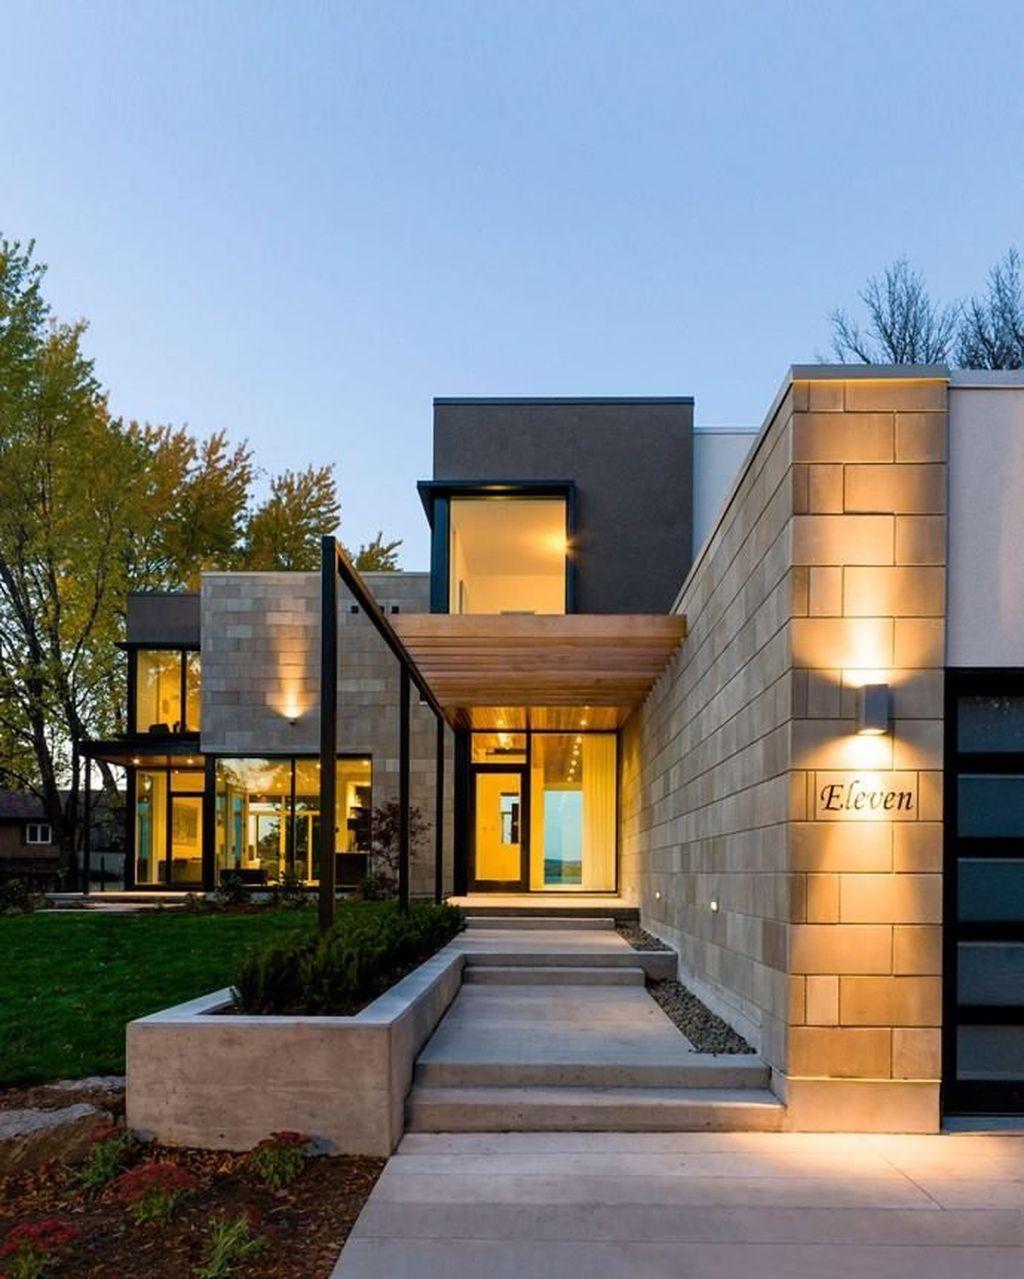 Amazing Barndominium Exterior Design En 2019: 37 Amazing Modern Home Exterior Designs